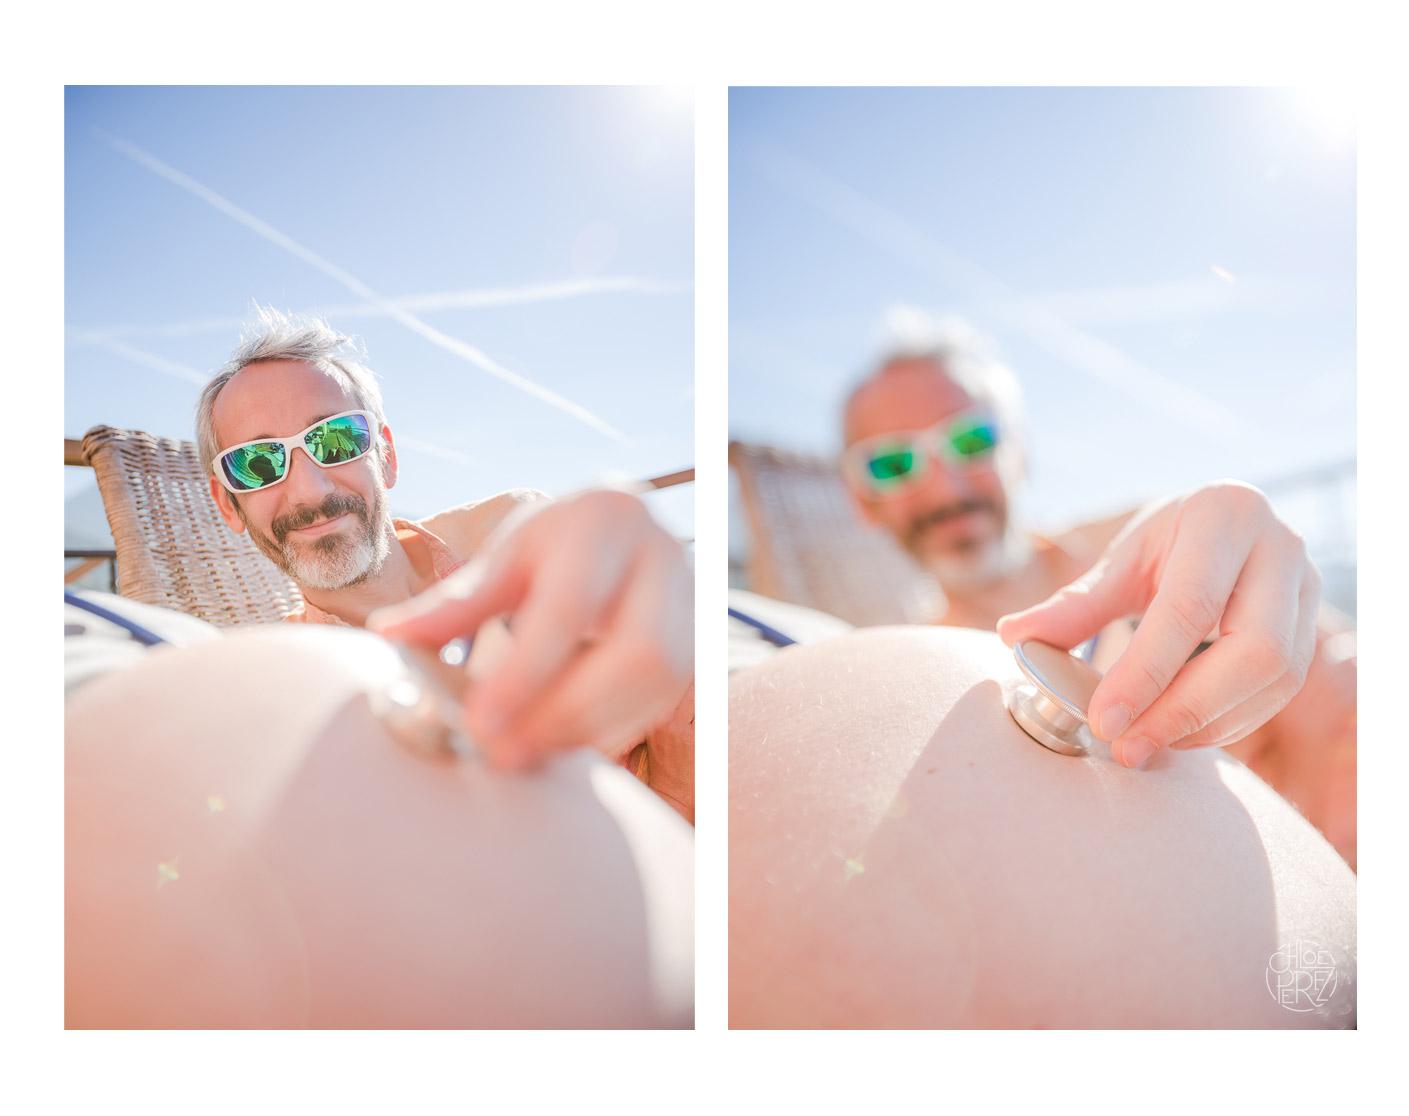 photographe lifestyle, photographie professionnelle, portrait, famille, Chloe Perez, photographe de vie, Grenoble, Isère, rhone alpes, séance famille, séance photo maternité, BigBelly, reportage photo, lac de Freydieres, future maman